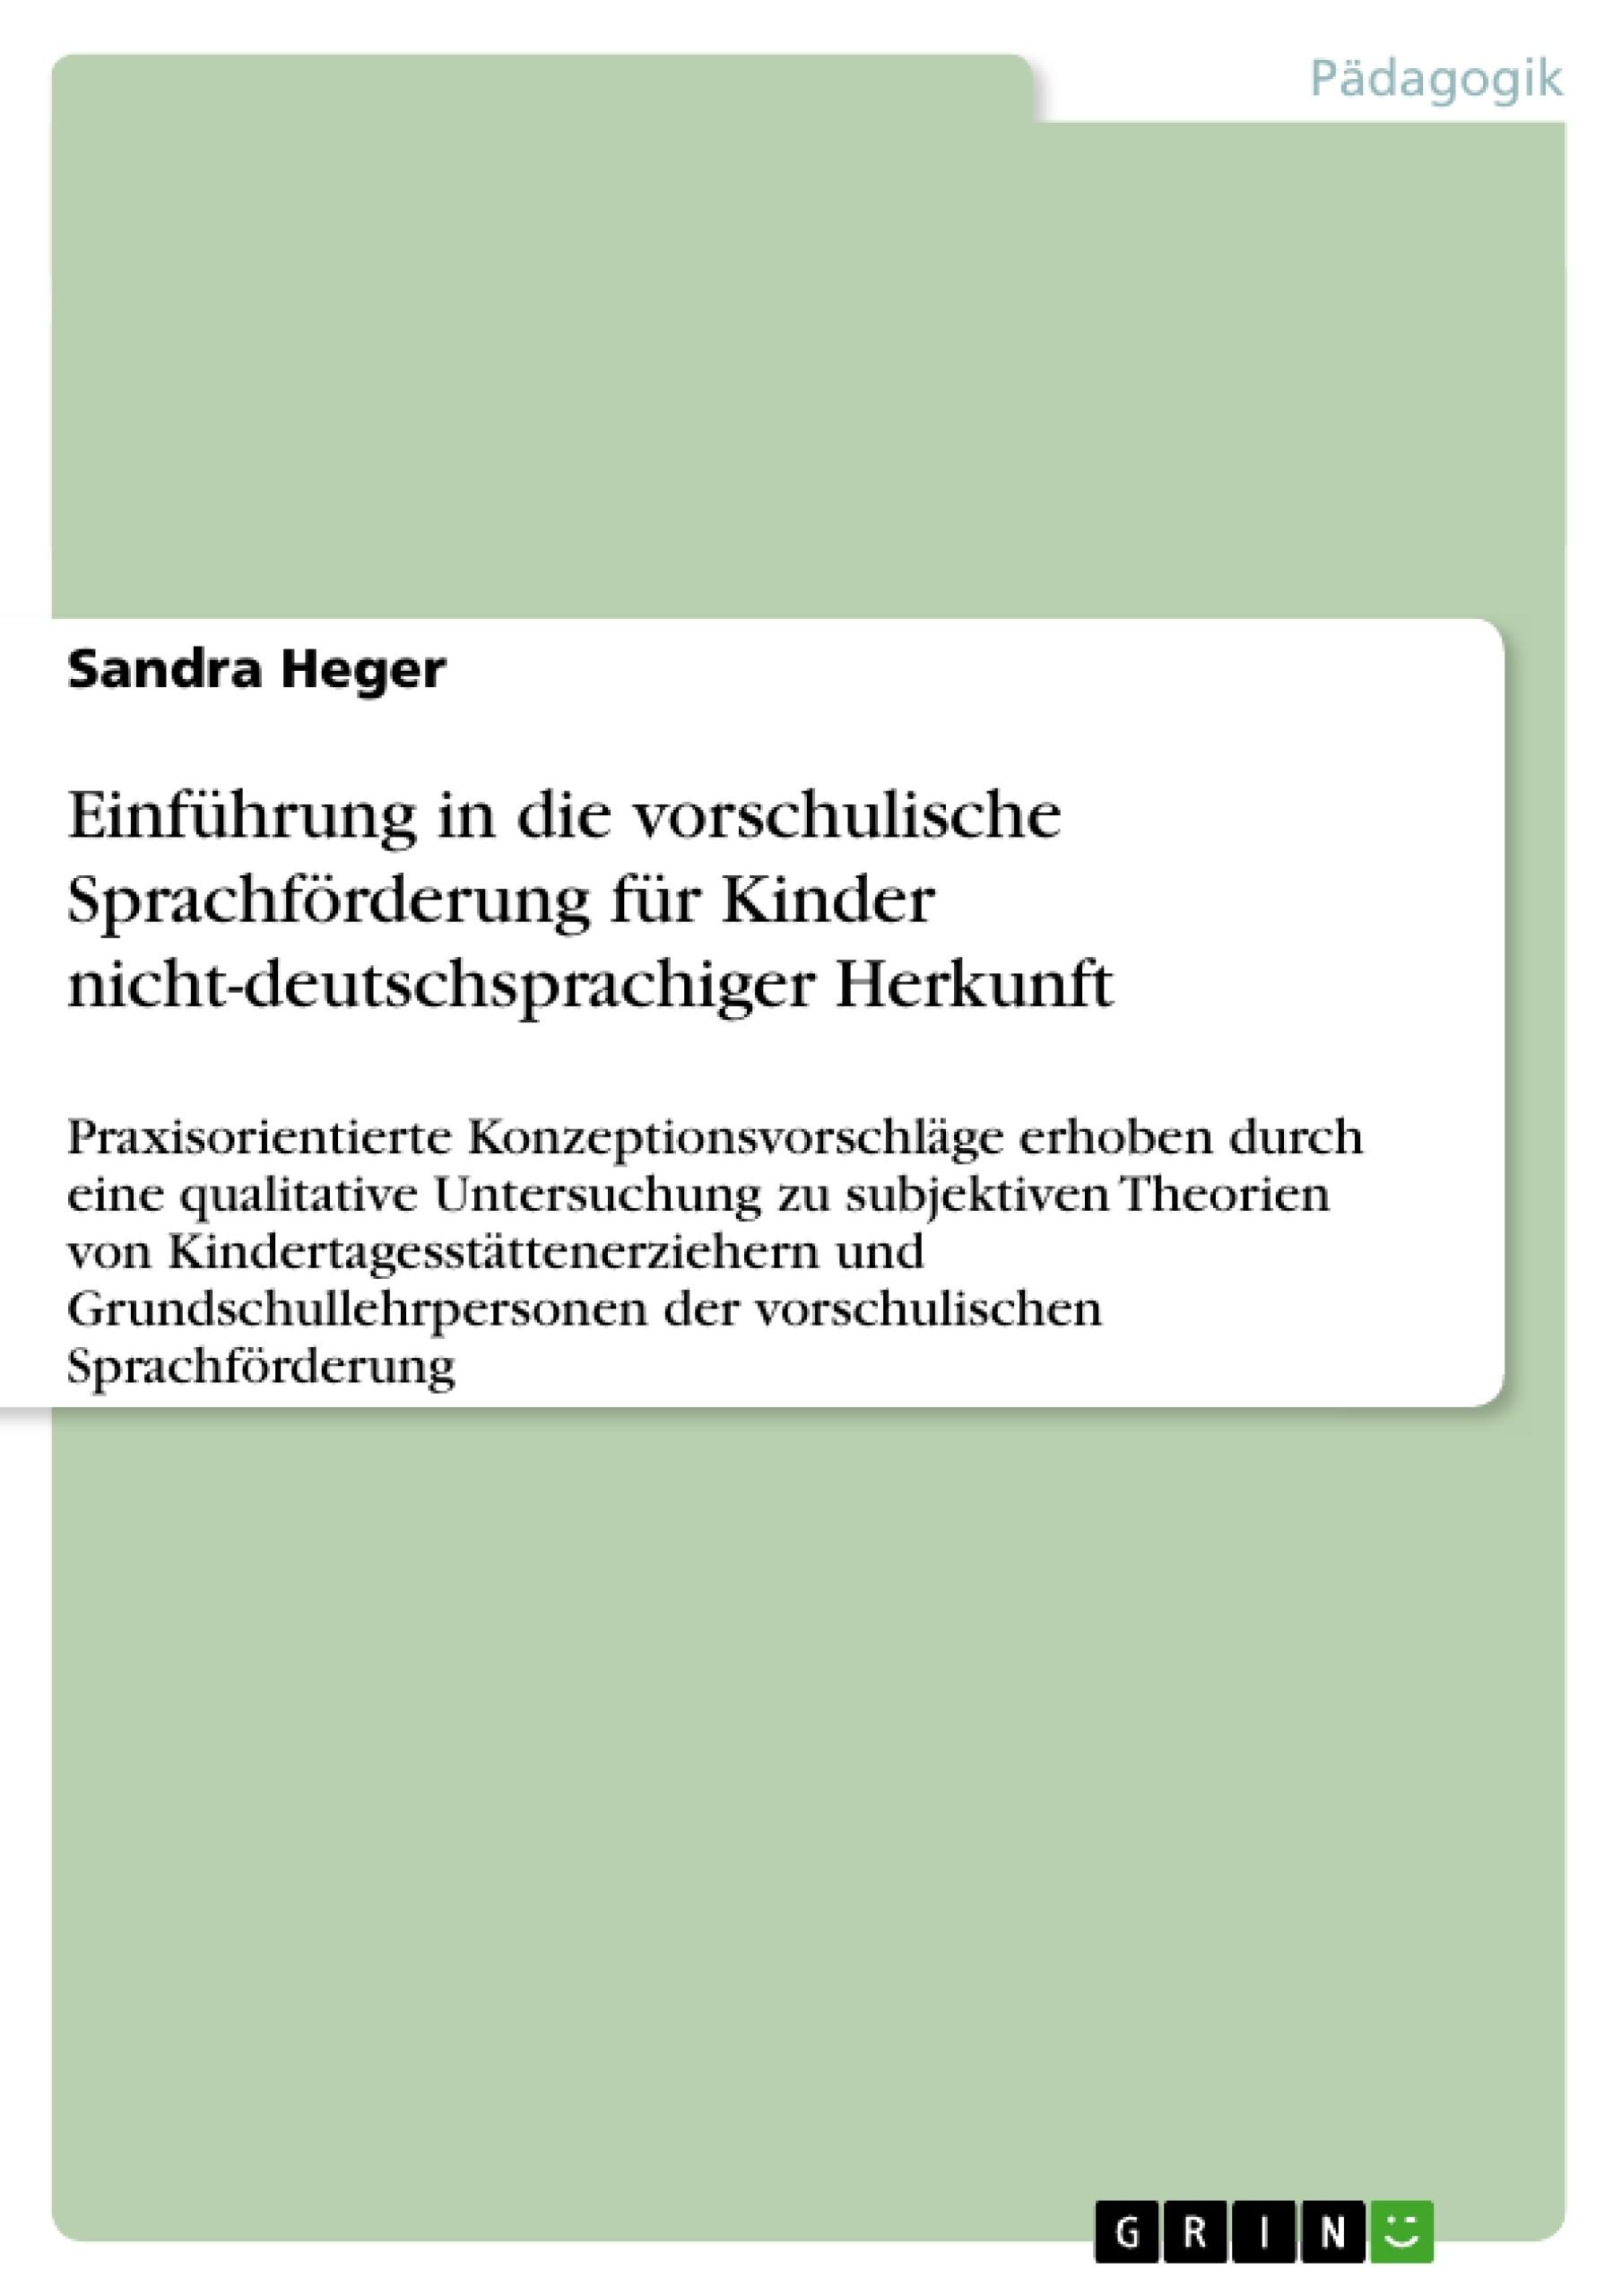 Titel: Einführung in die vorschulische Sprachförderung für Kinder nicht-deutschsprachiger Herkunft